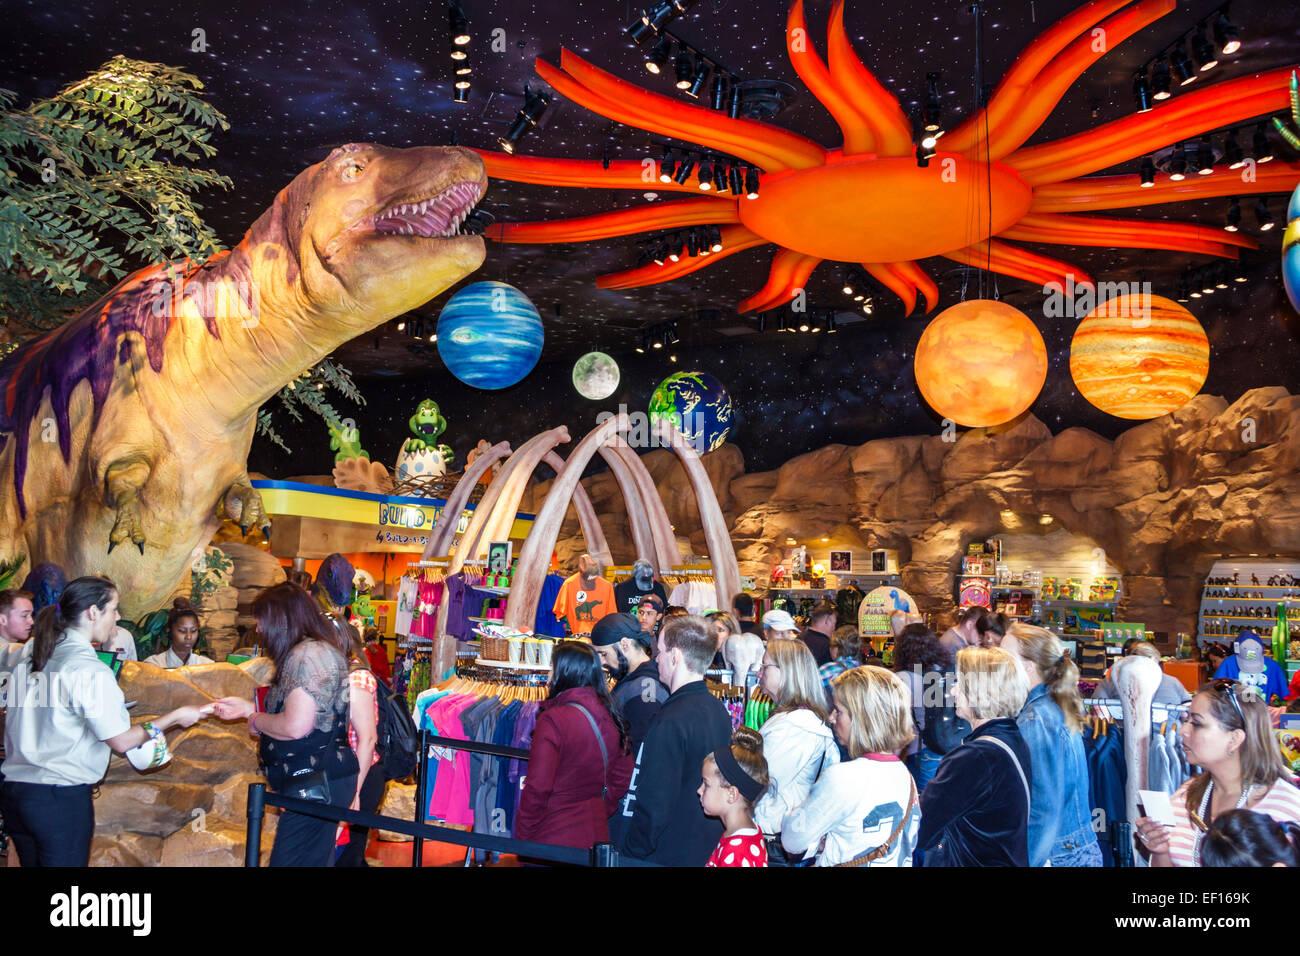 Orlando Florida Lake Buena Vista Downtown Disney Einkaufen Unterhaltung T-Rex Speiselokal in Dinosaur Linie Warteschlange Stockbild